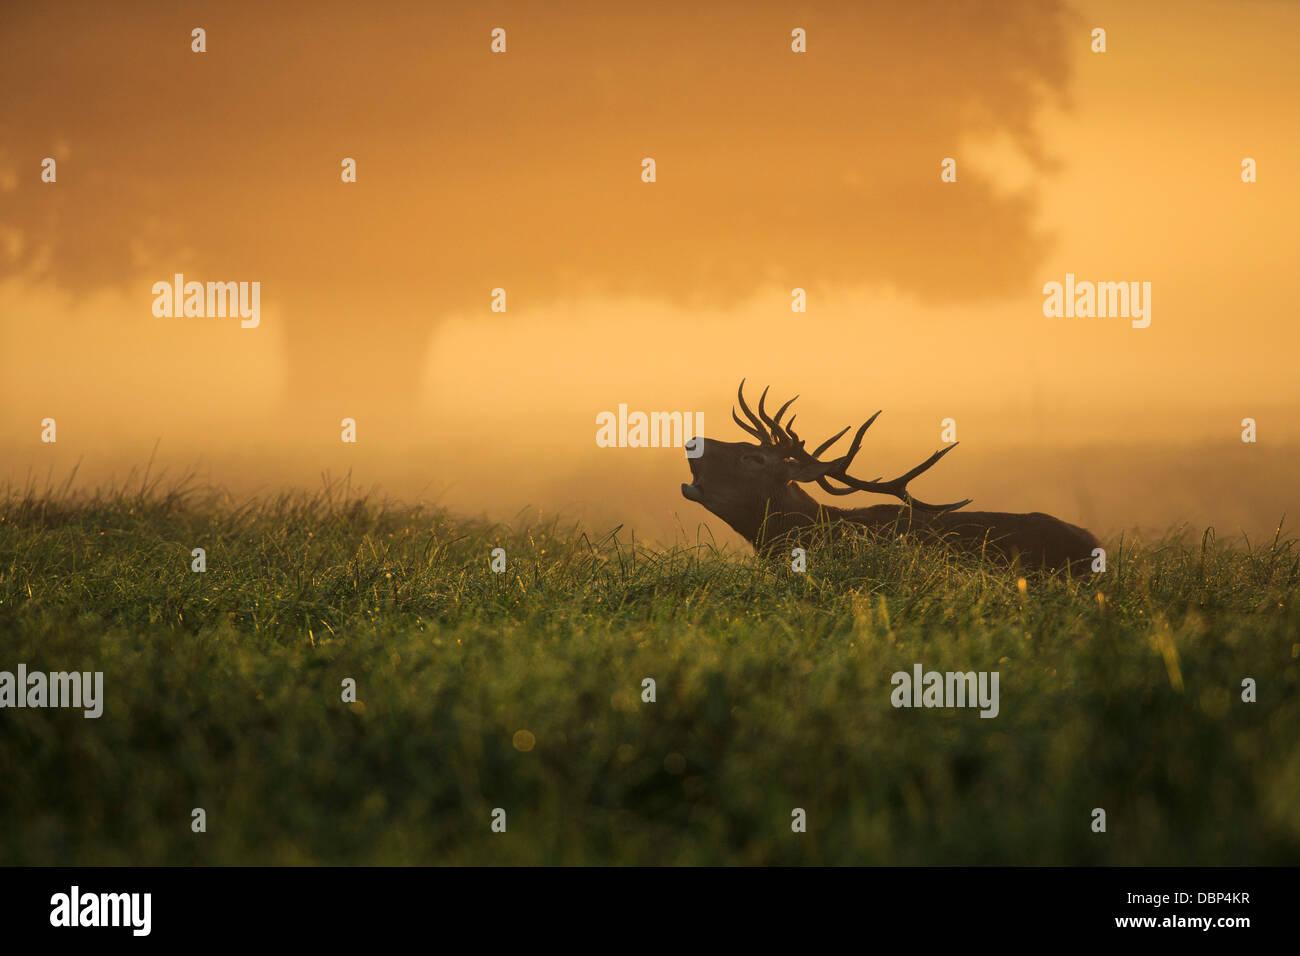 Despedidas de solteiro no campo ao amanhecer Imagens de Stock